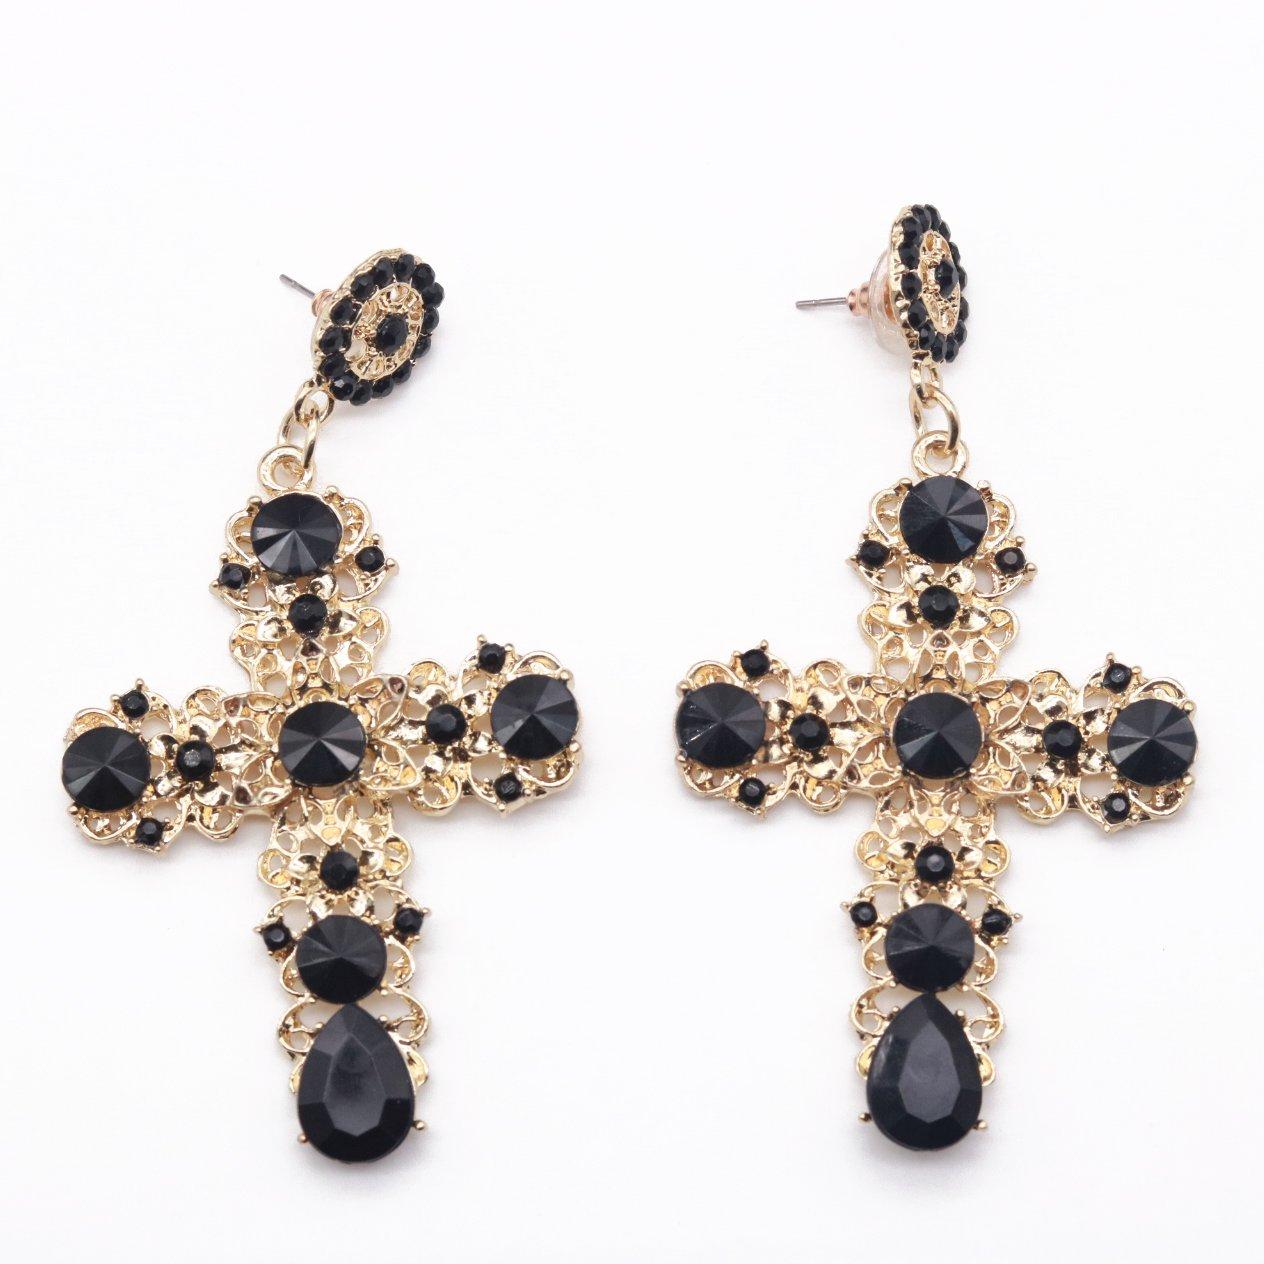 Kercisbeauty - Pendientes con colgante de cruz bohemio con diamantes de imitación para mujeres y niñas, para bares, fiestas, regalo perfecto para ella, cumpleaños, aniversario, día a día, accesorios de fiesta, capilla